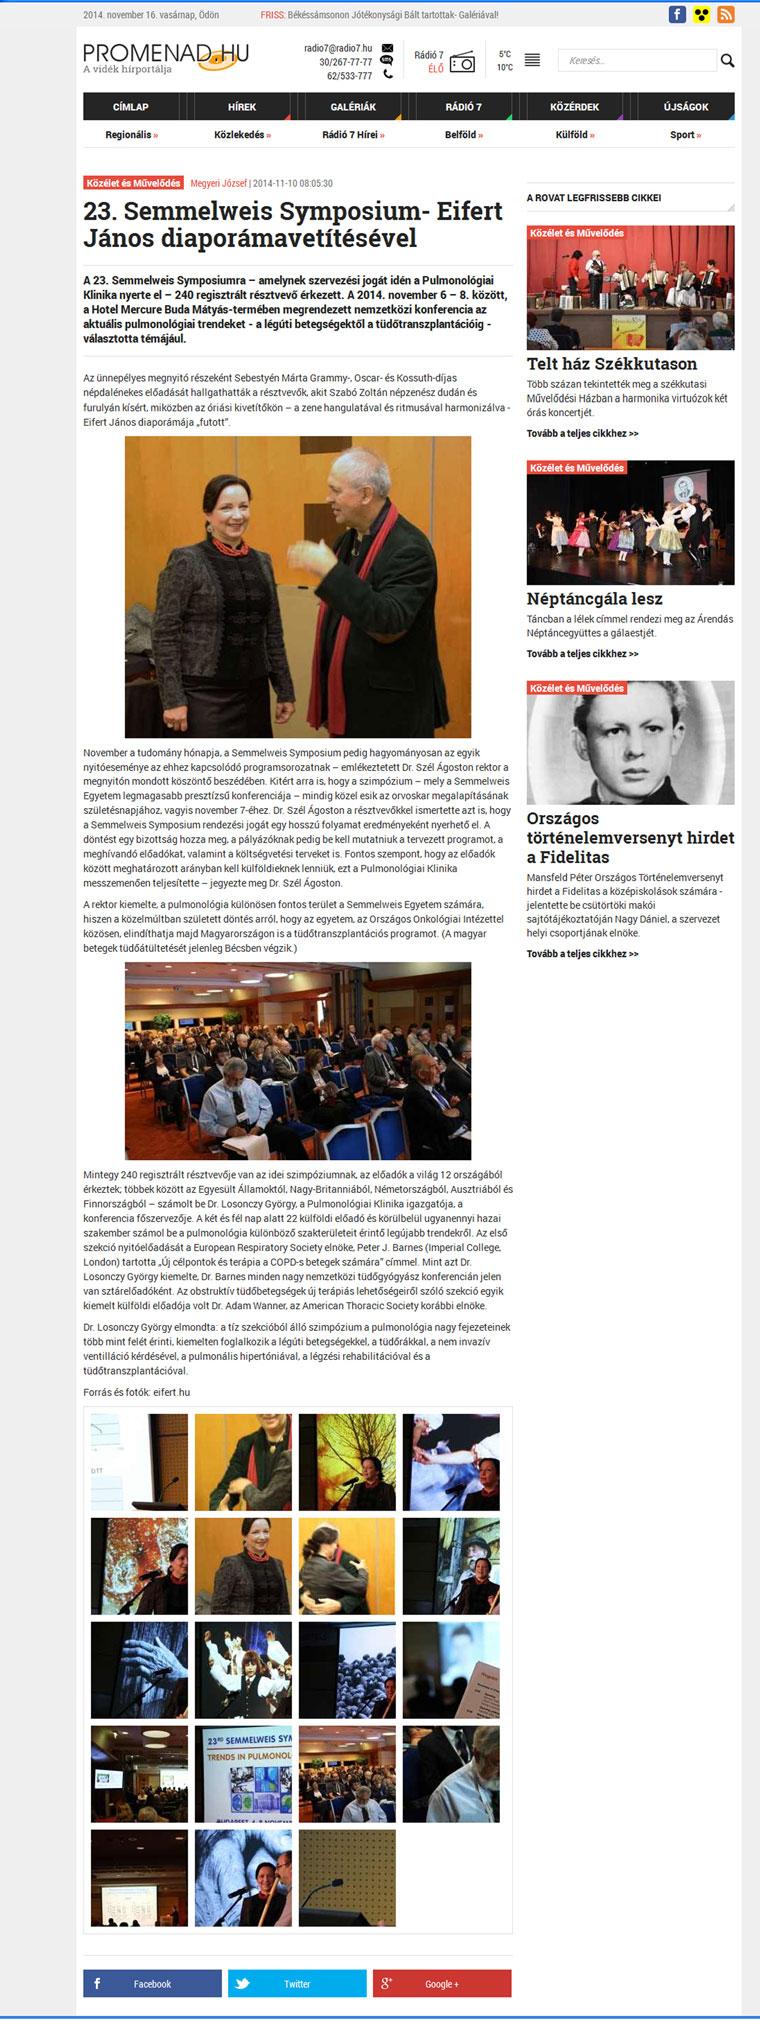 2014.11.10.-Promenad.hu_23. Semmlweis Symposium, Eifert János diaporámavetítésével